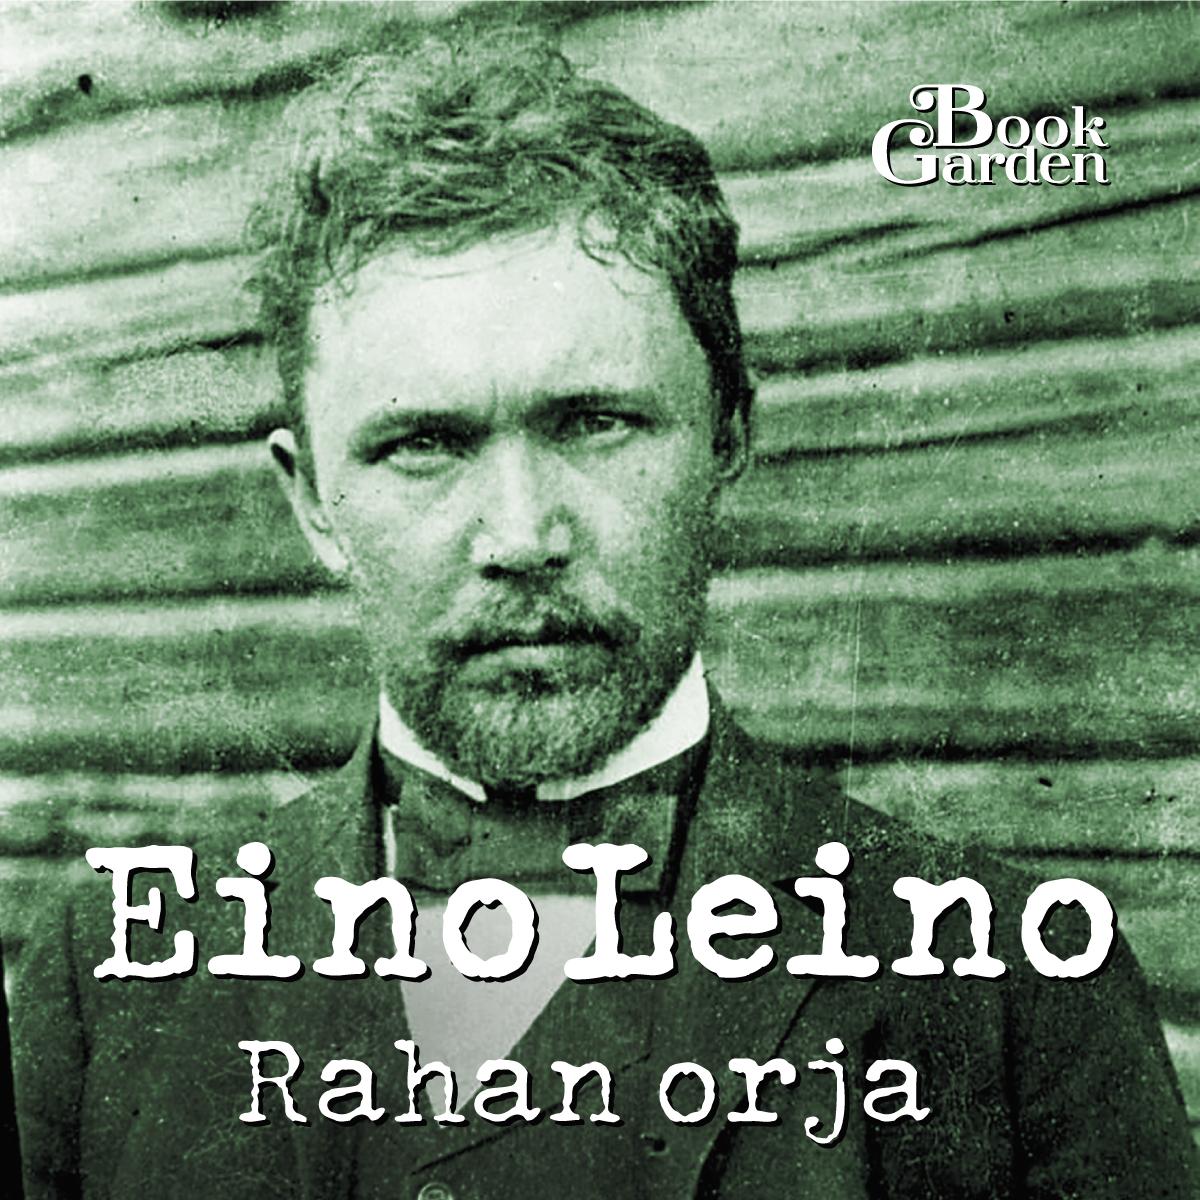 Leino, Eino - Rahan orja, audiobook